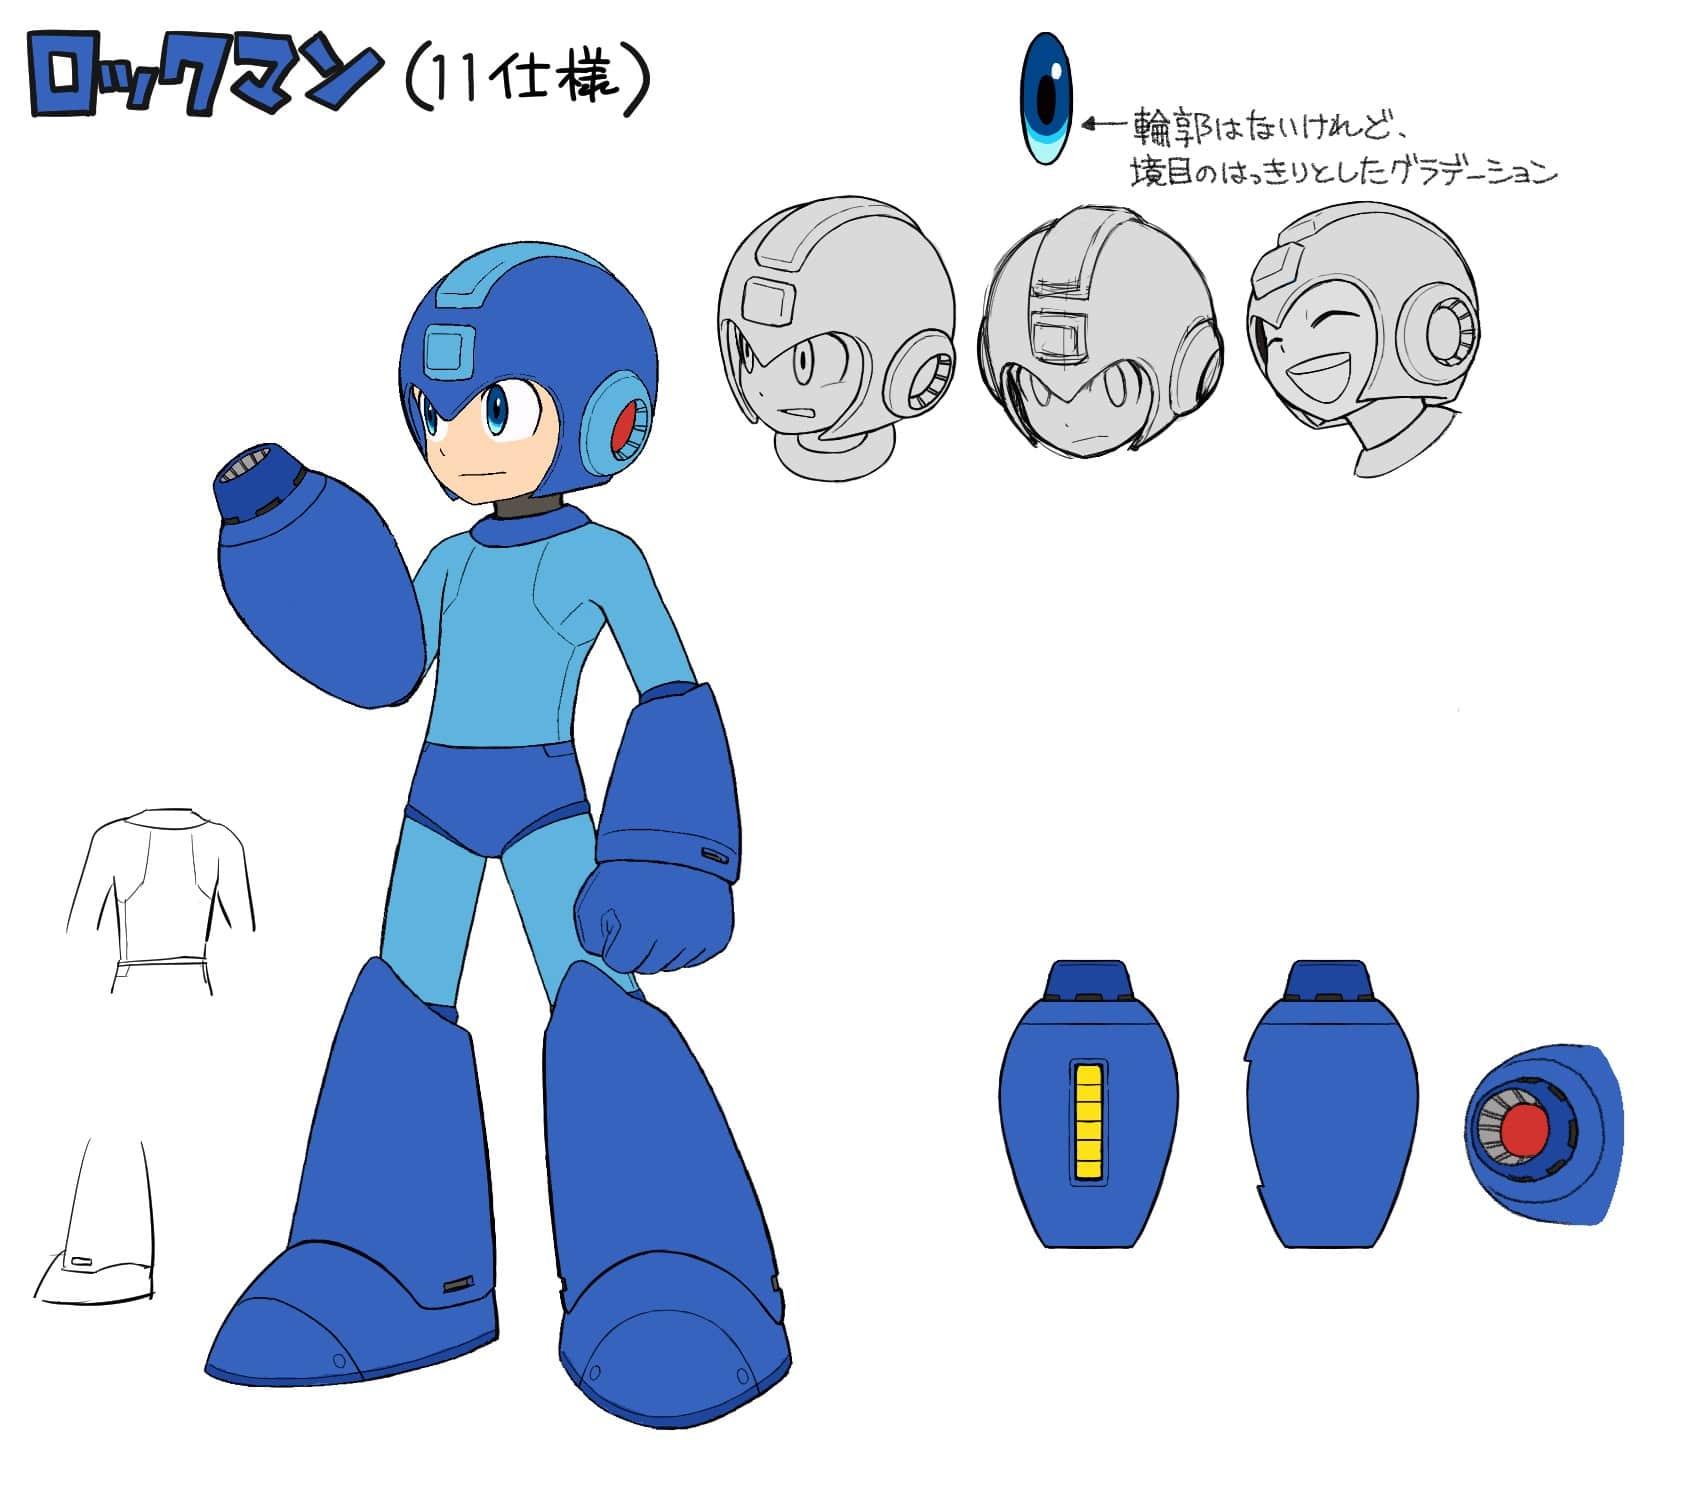 MegaMan_CharacterConceptArt_png_jpgcopy.